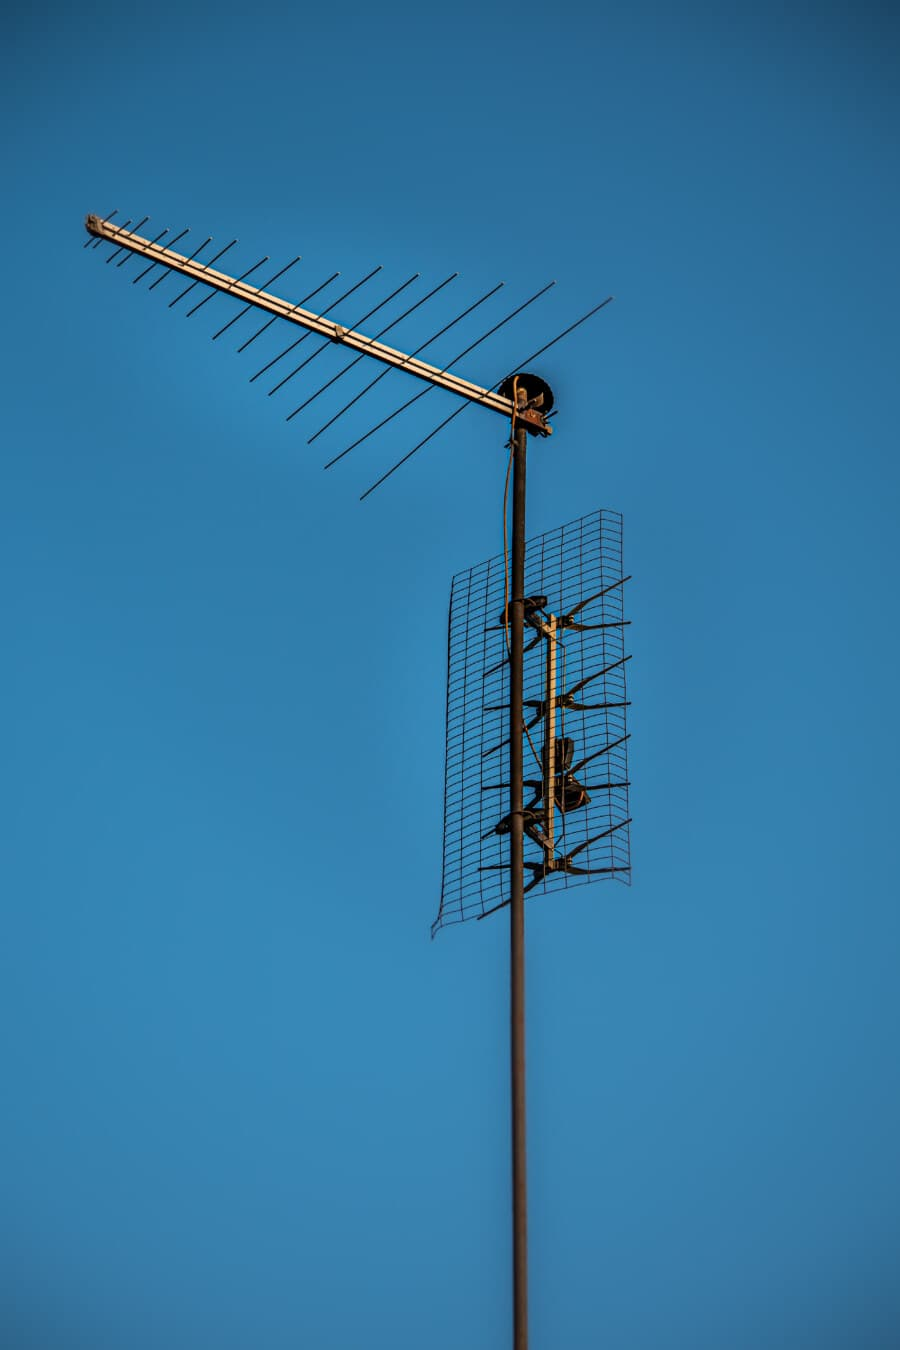 récepteur, télévision, antenne, signal, transmission, sans fil, câble, électricité, fil, énergie